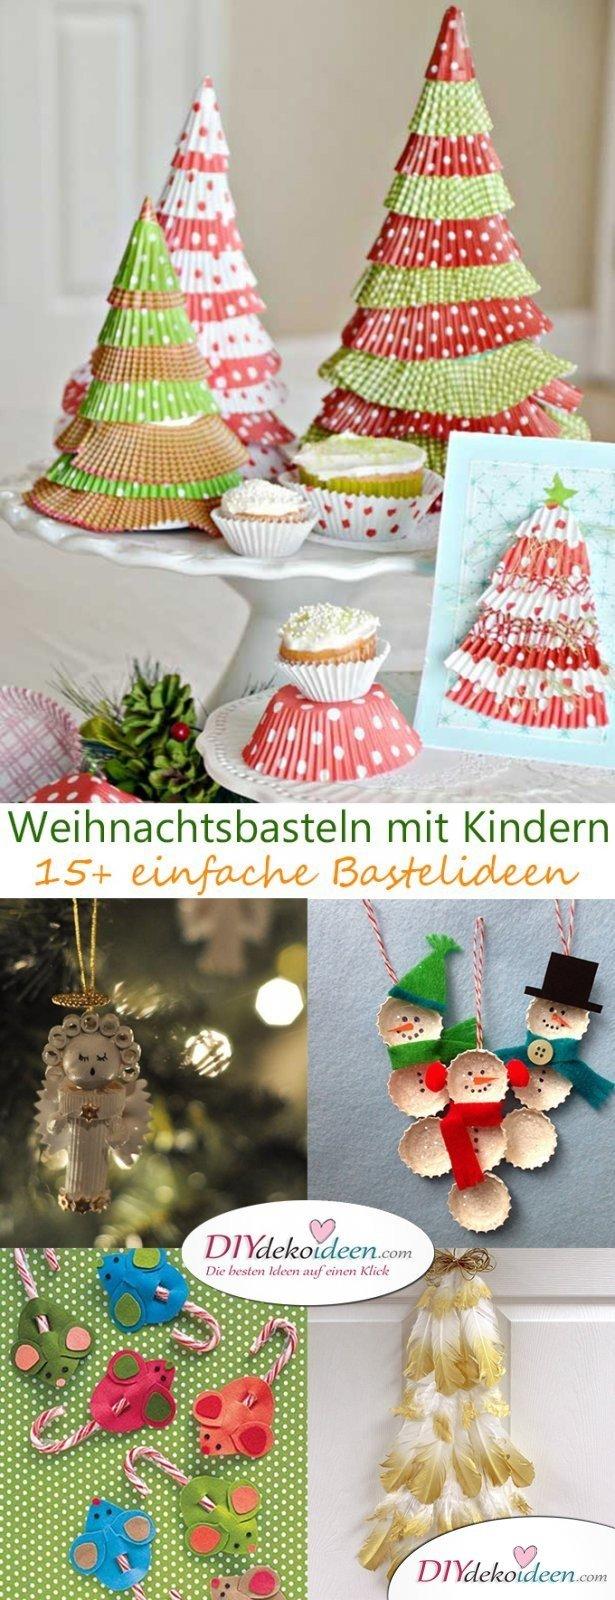 Nudelengel, Kronkorkenschneemann und Co. - Weihnachtsbasteln mit Kindern - 15+ DIY Bastelideen